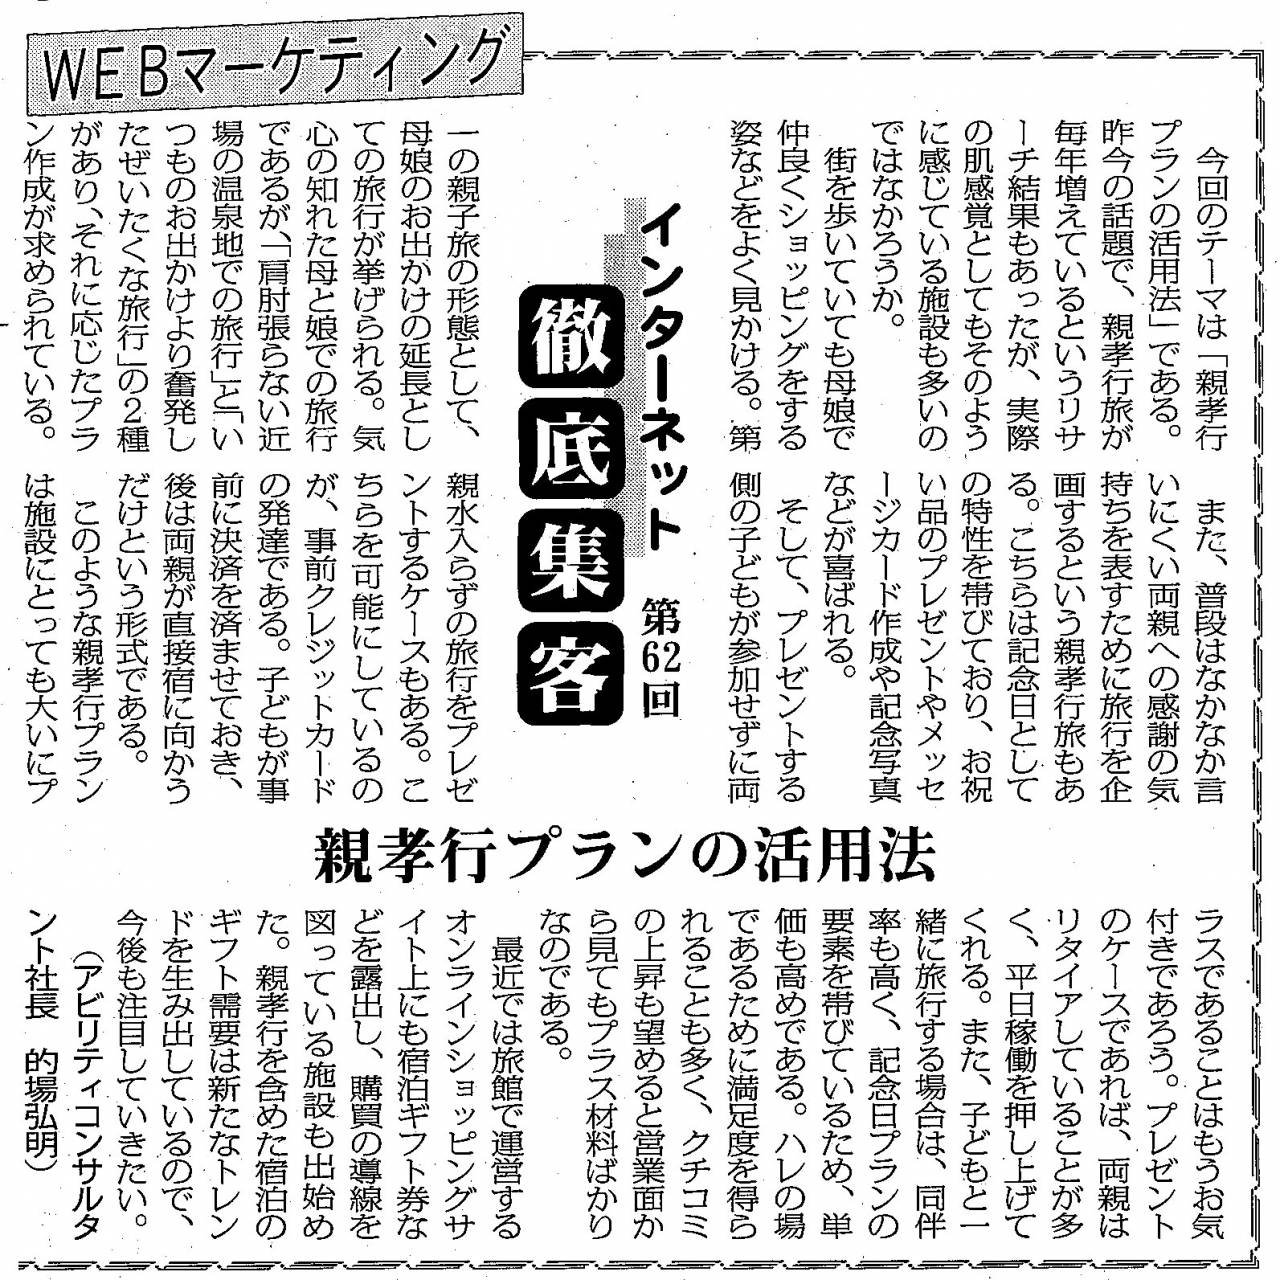 【第62回】WEBマーケティング 親孝行プランの活用法